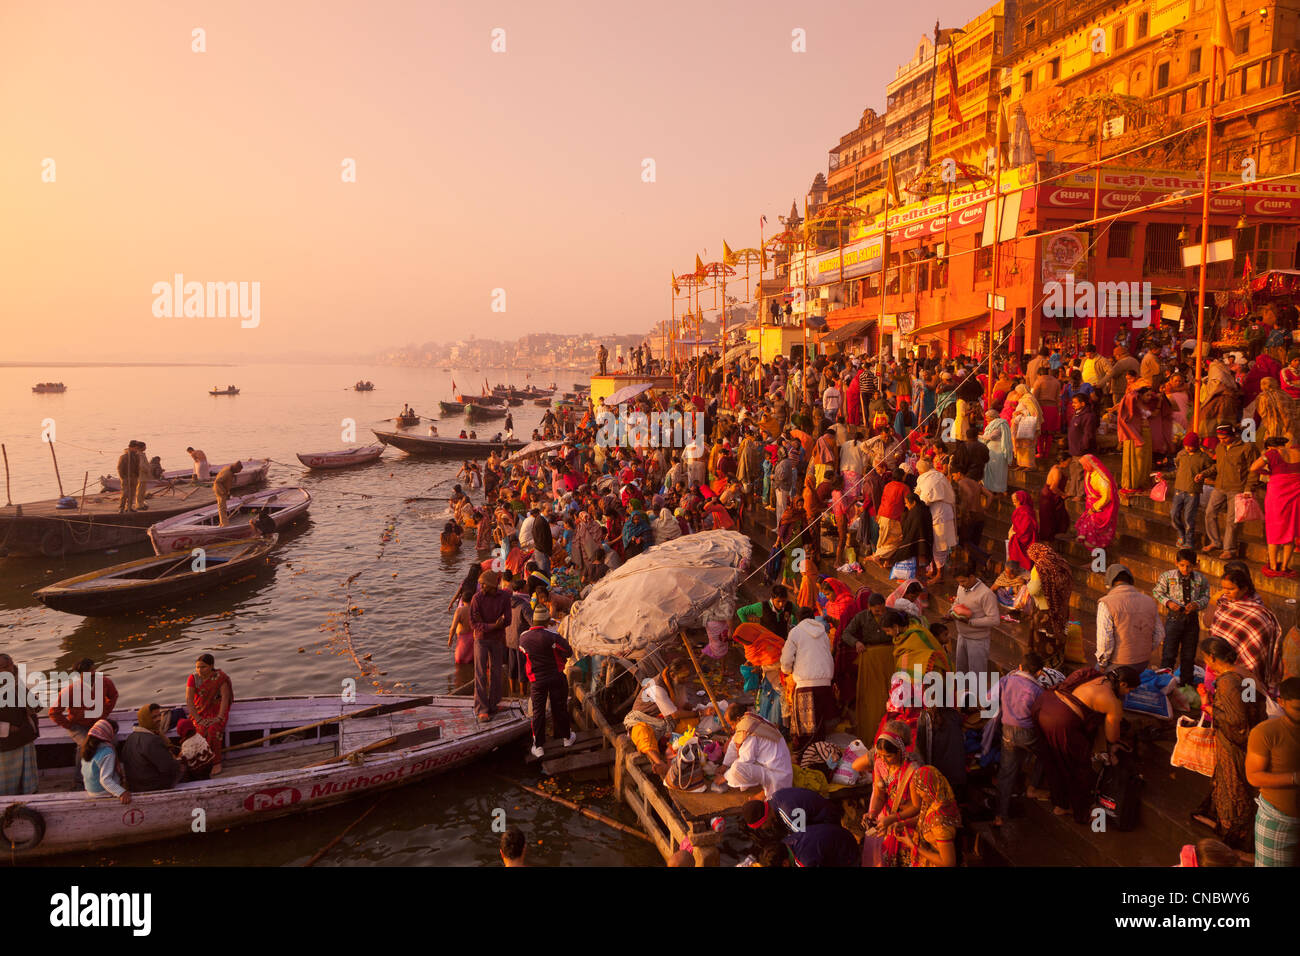 La India, Uttar Pradesh, Varanasi, peregrinos bañándose y rezando en el río Ganges Imagen De Stock